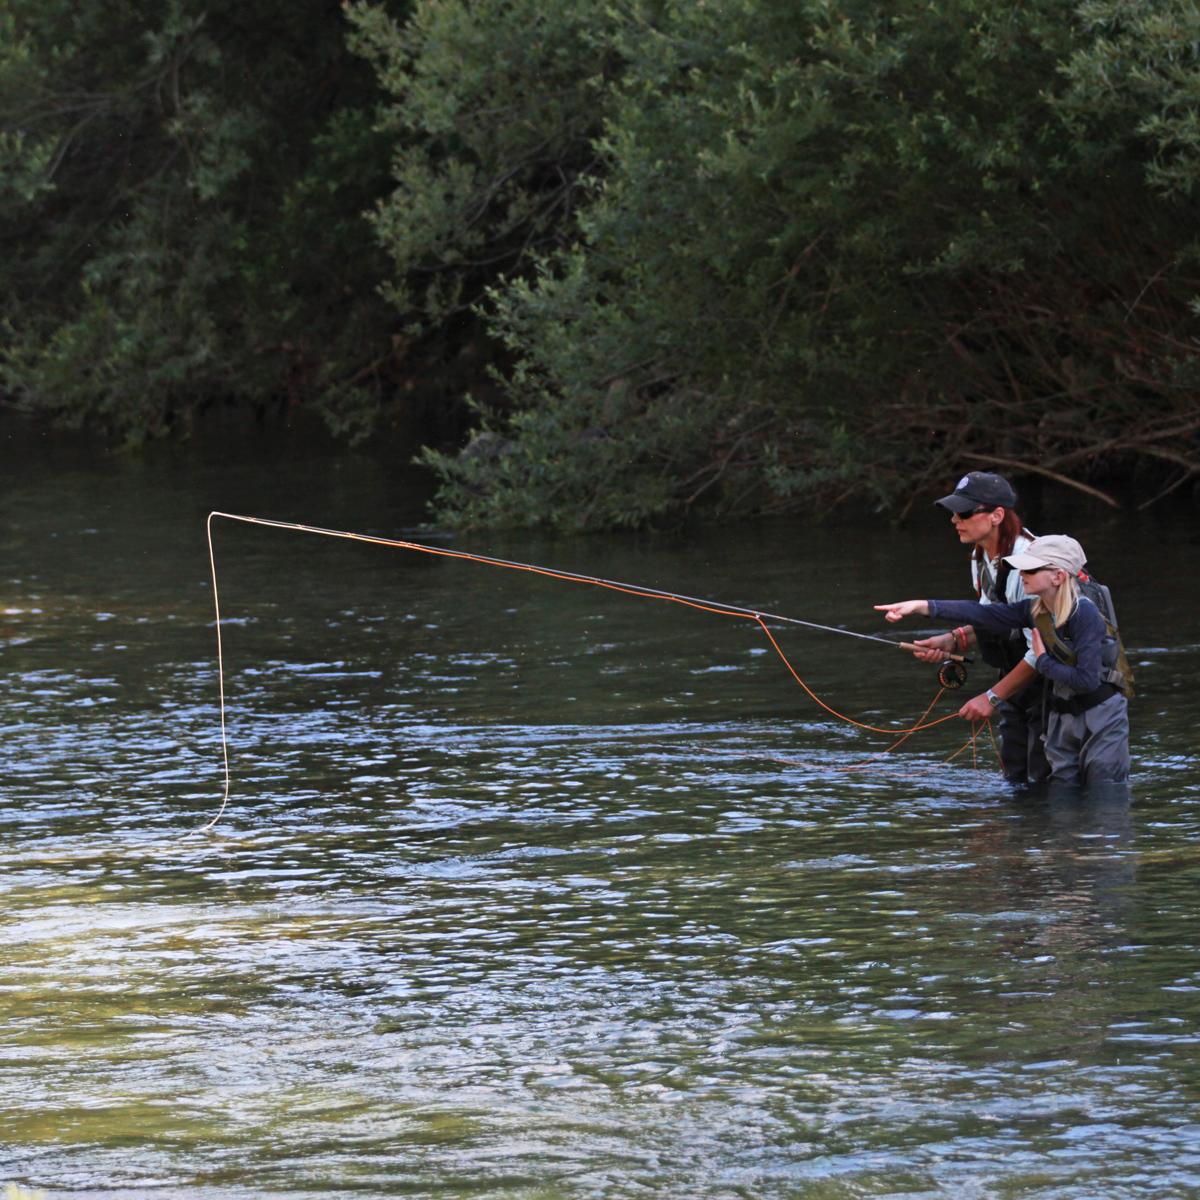 Fliegenfischerinnen an der Savinja in Slowenien